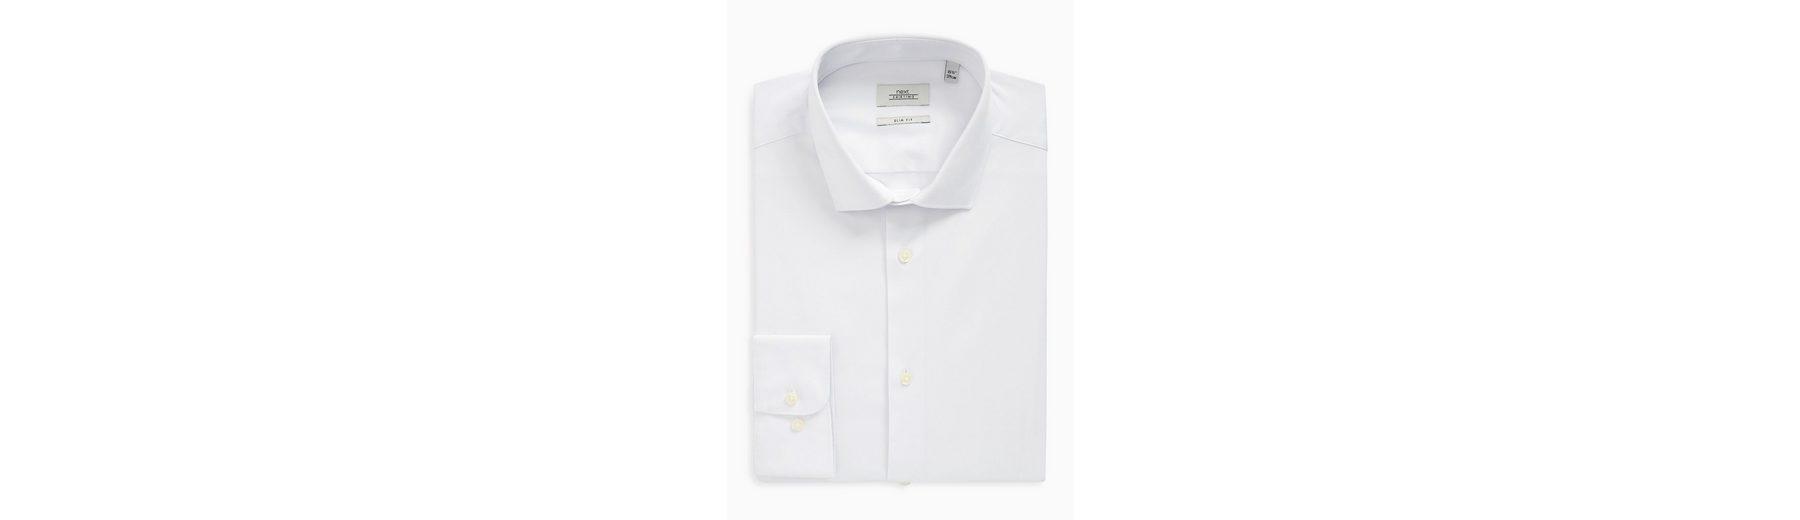 Next Pflegeleichtes Slim-Fit Hemd mit Stretch Günstig Kaufen Preis 9Tf05SV3